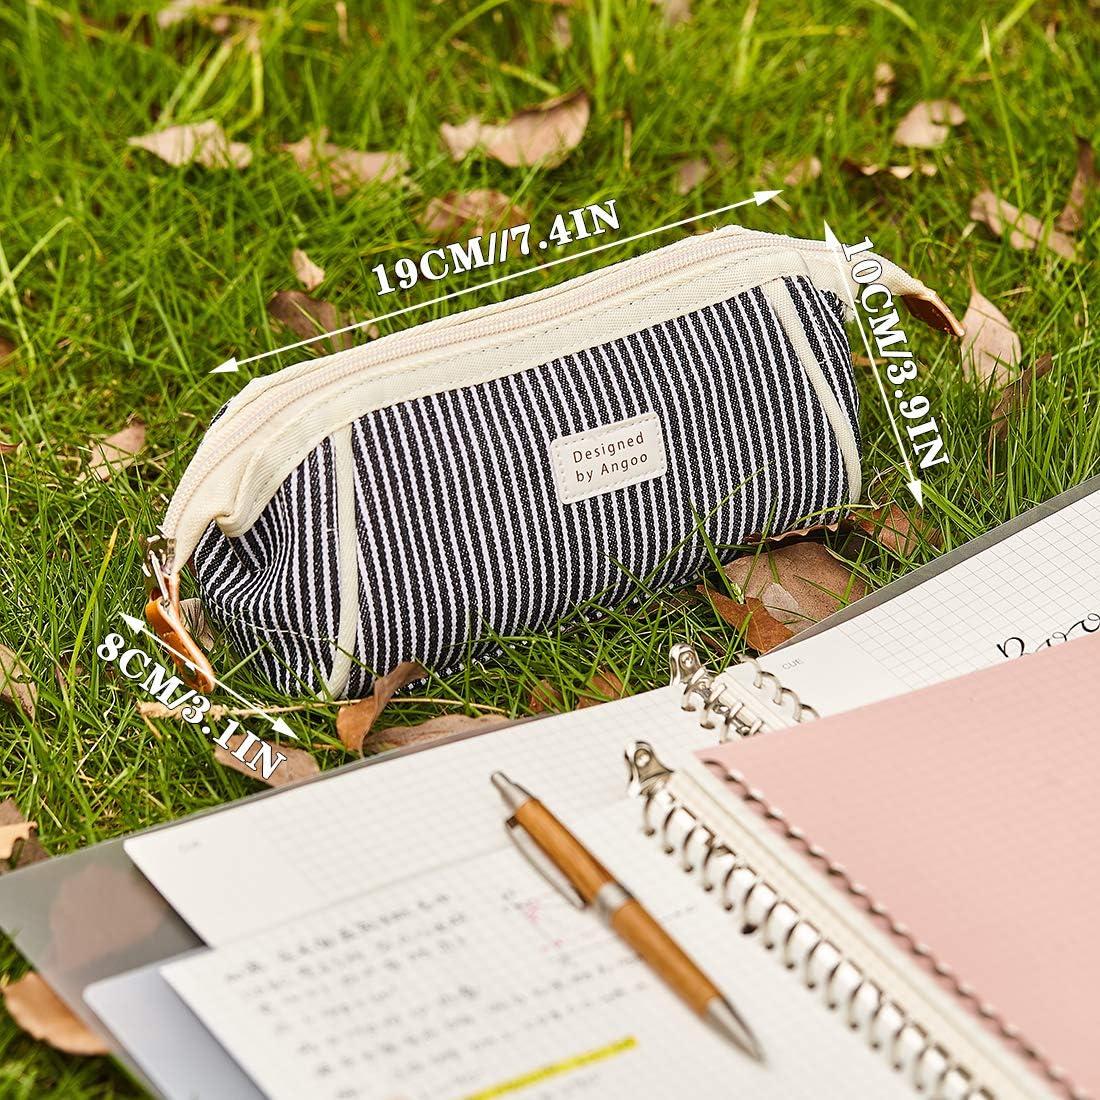 bleu Oyachic Trousses Scolaire Grande Capacit/é /Étui /à Crayons Pencil Case Filles Poche Crayon Case Pen Bag Porte-crayons /à Stylos Trousse /à Maquillage Organisateur de Rangement